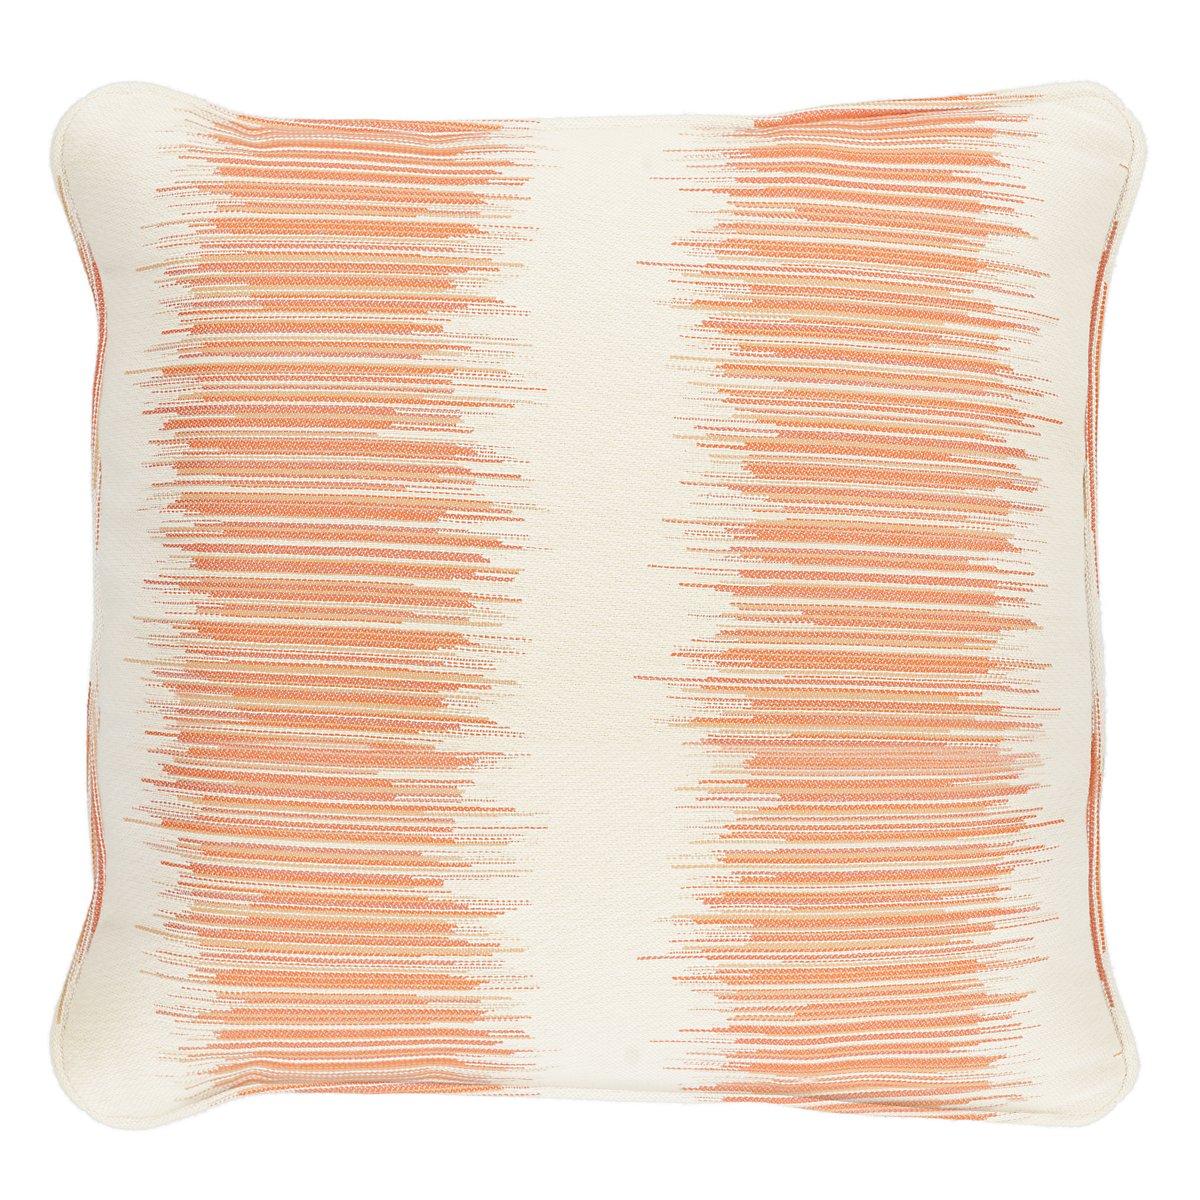 Impromptu Orange Fabric Accent Pillow